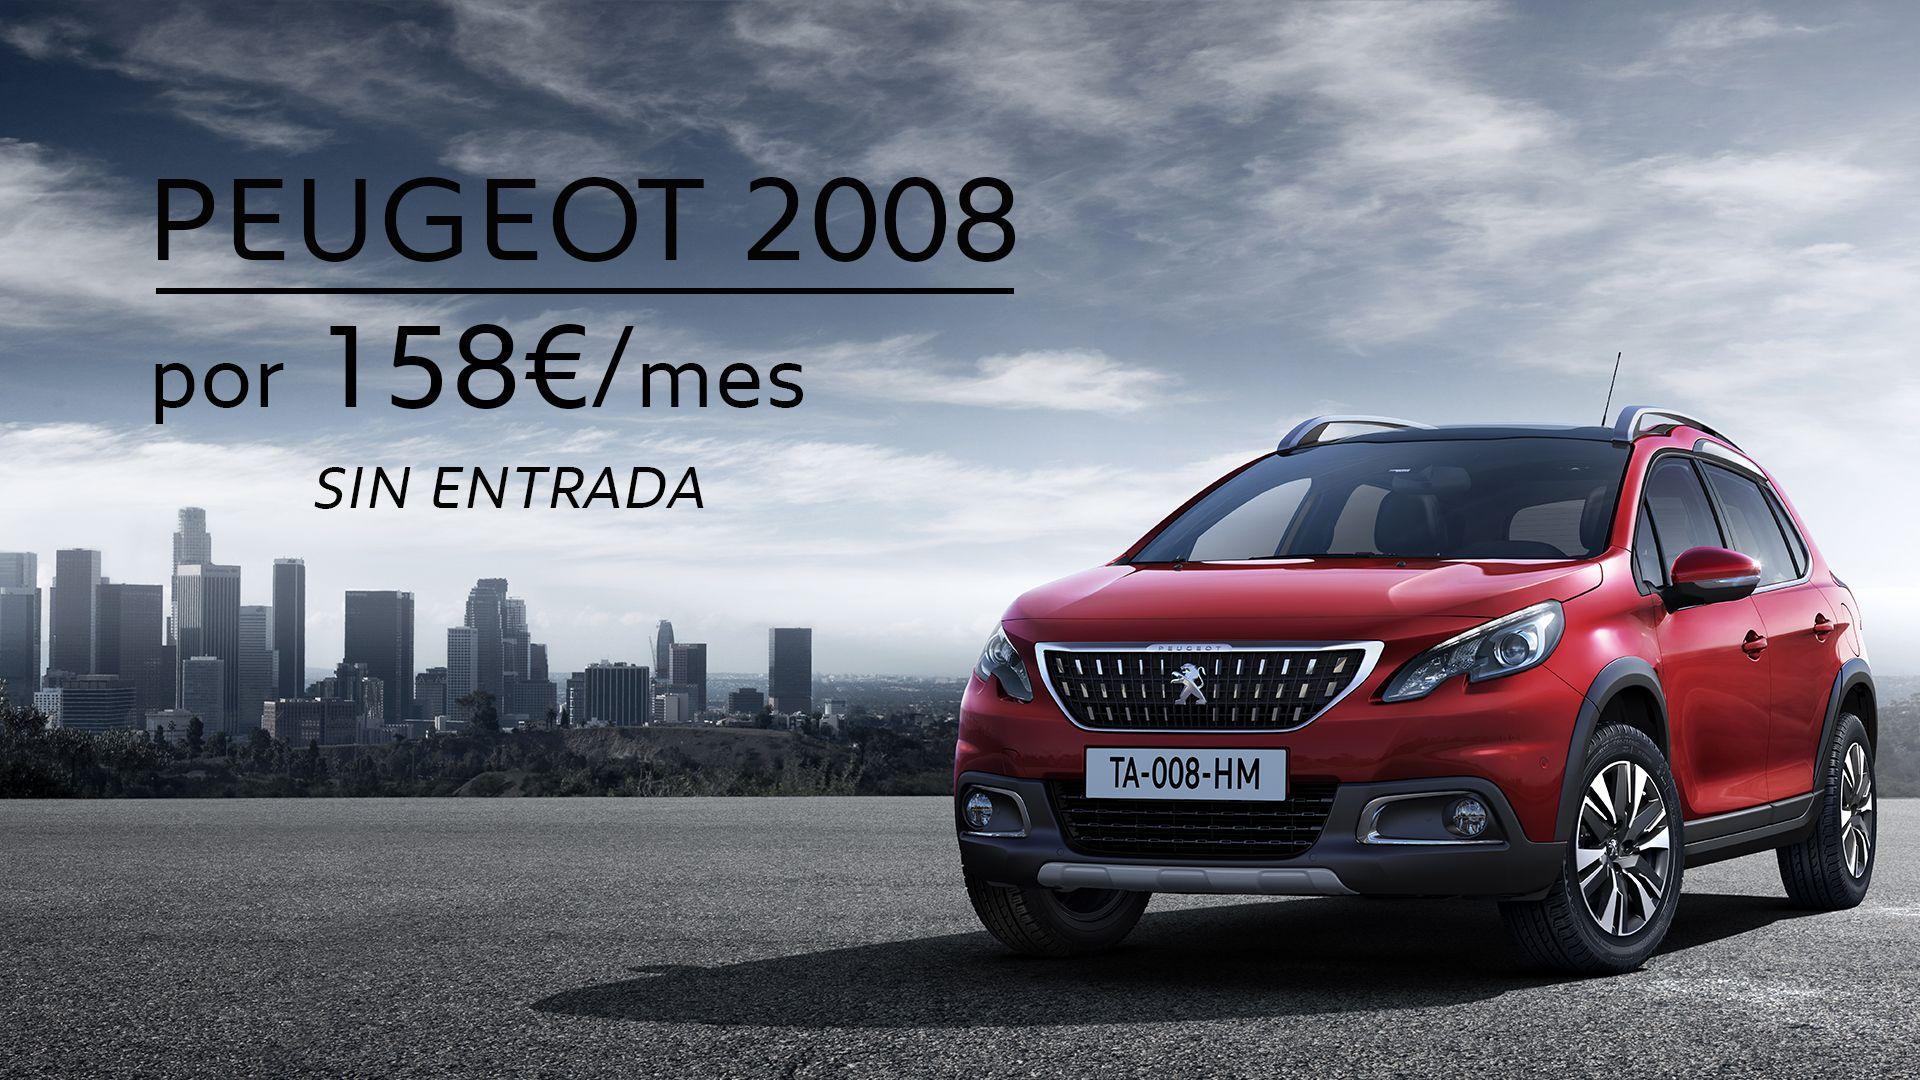 SUV PEUGEOT 2008 POR 158€/MES SIN ENTRADA